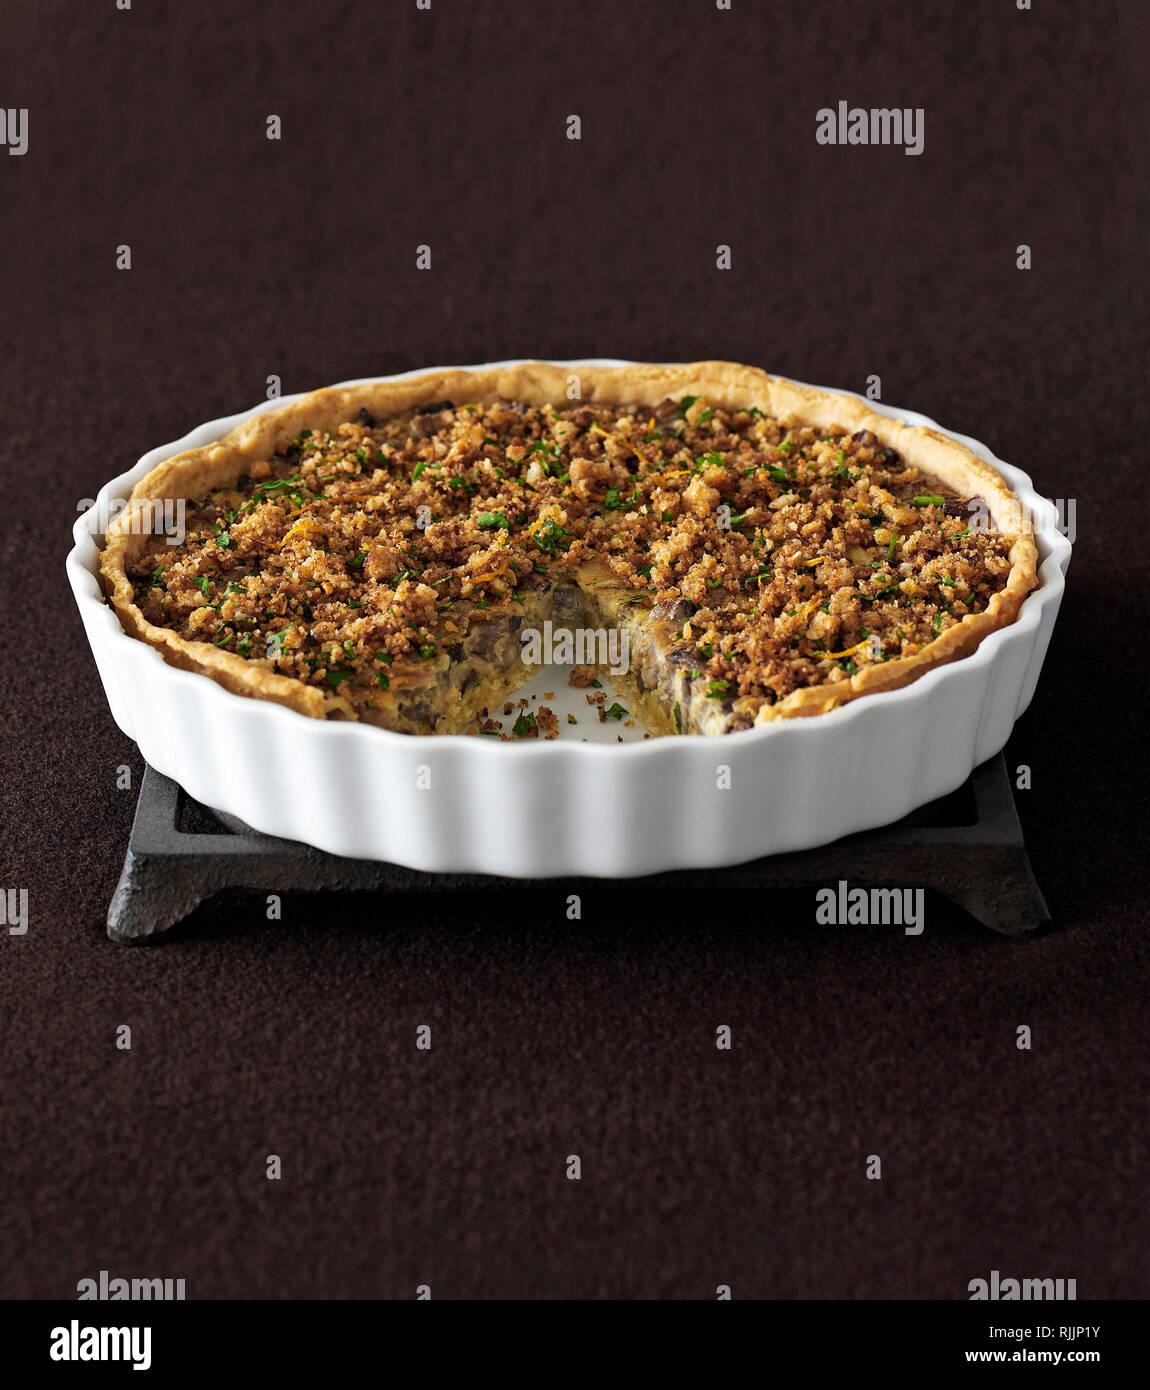 Savory pie - Stock Image